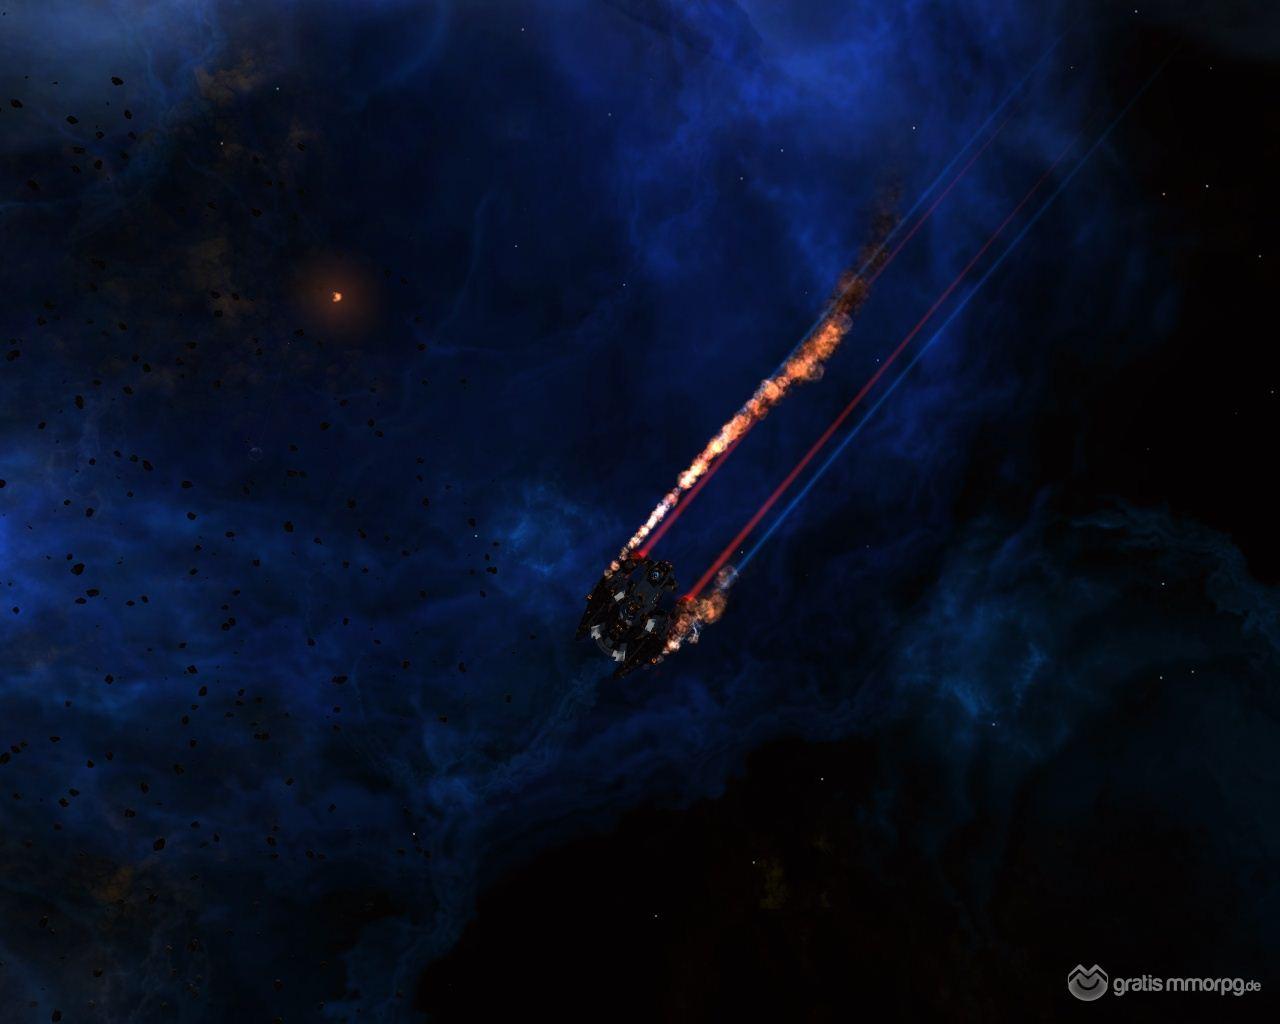 Klicke auf die Grafik für eine größere AnsichtName:Star Trek Online (3).jpgHits:171Größe:66,2 KBID:4457